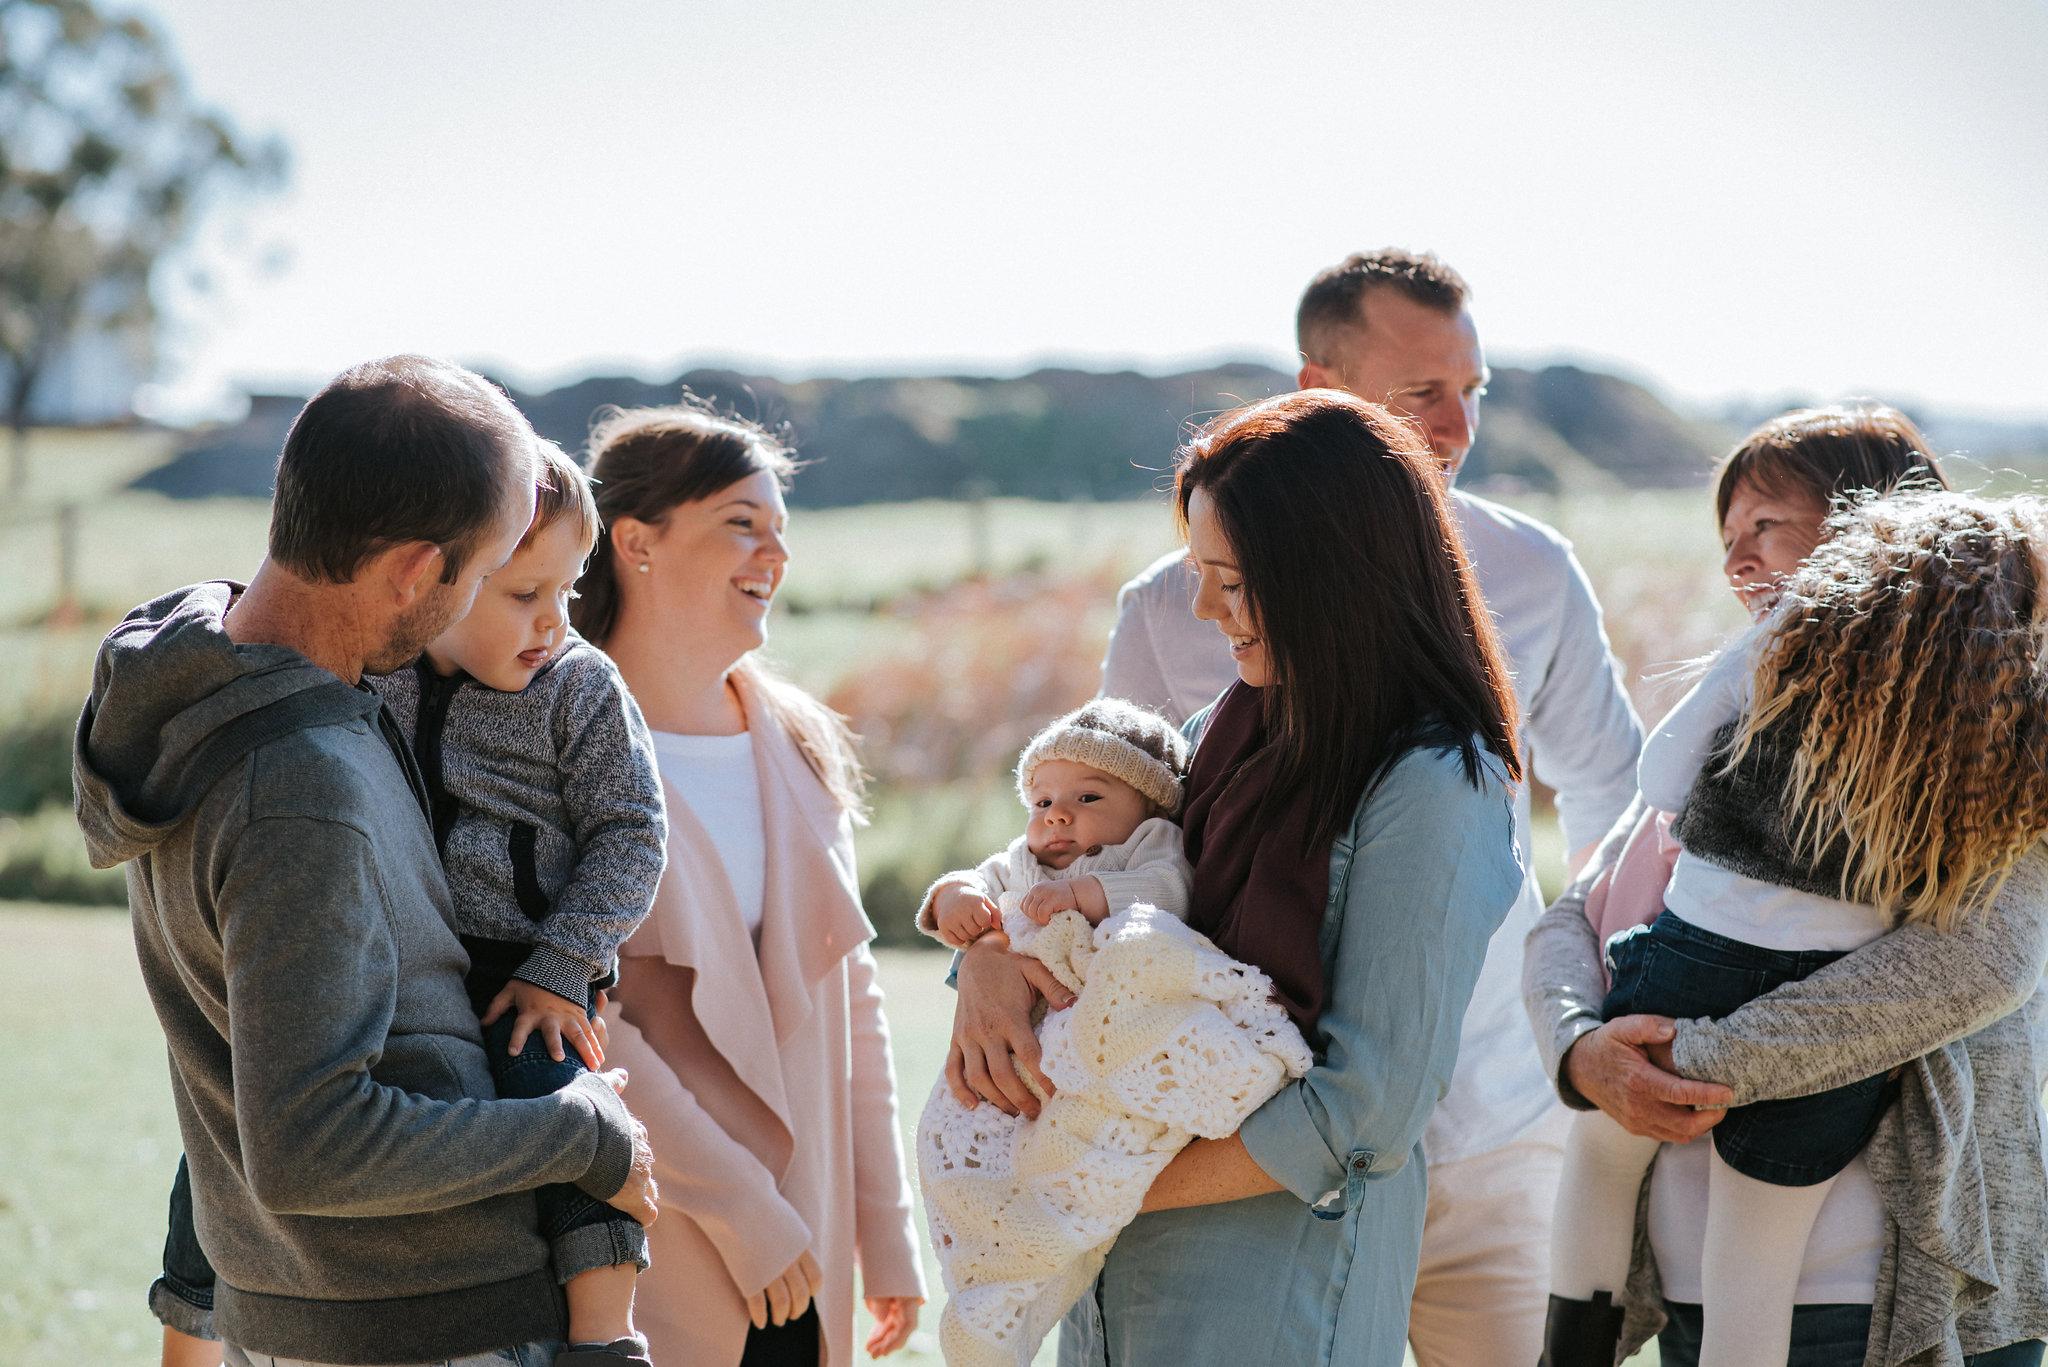 MORPETH-PARK-MIDDLETON-FAMILY-PREVIEW-8.jpg